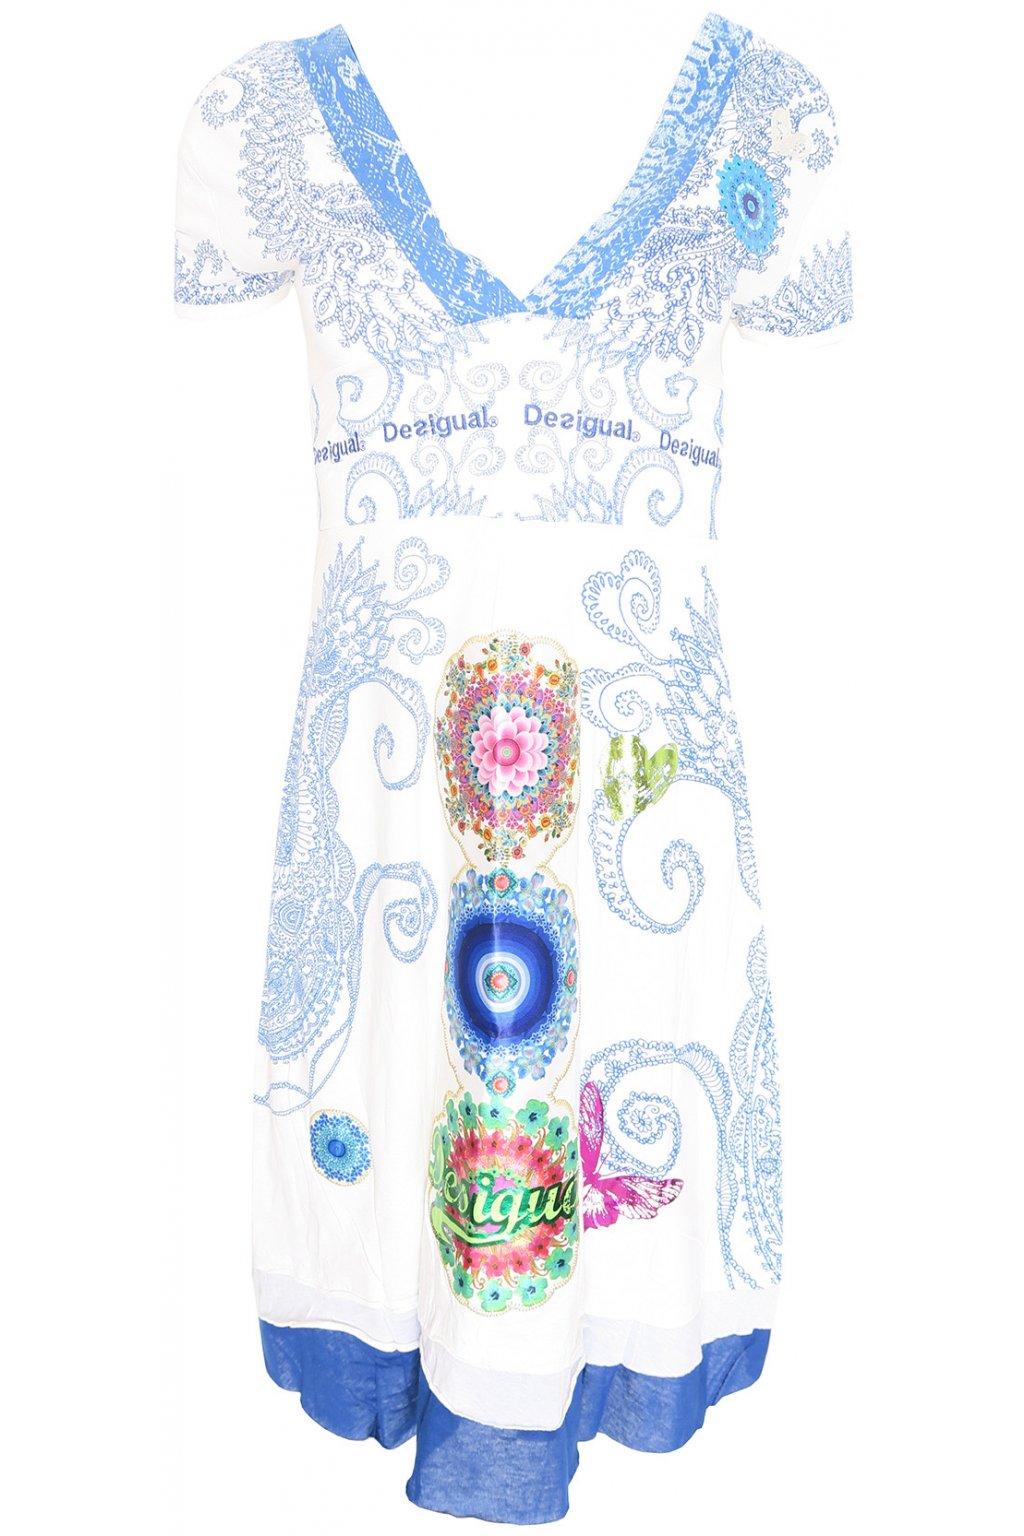 Desigual bílomodré šaty s barevnými květy